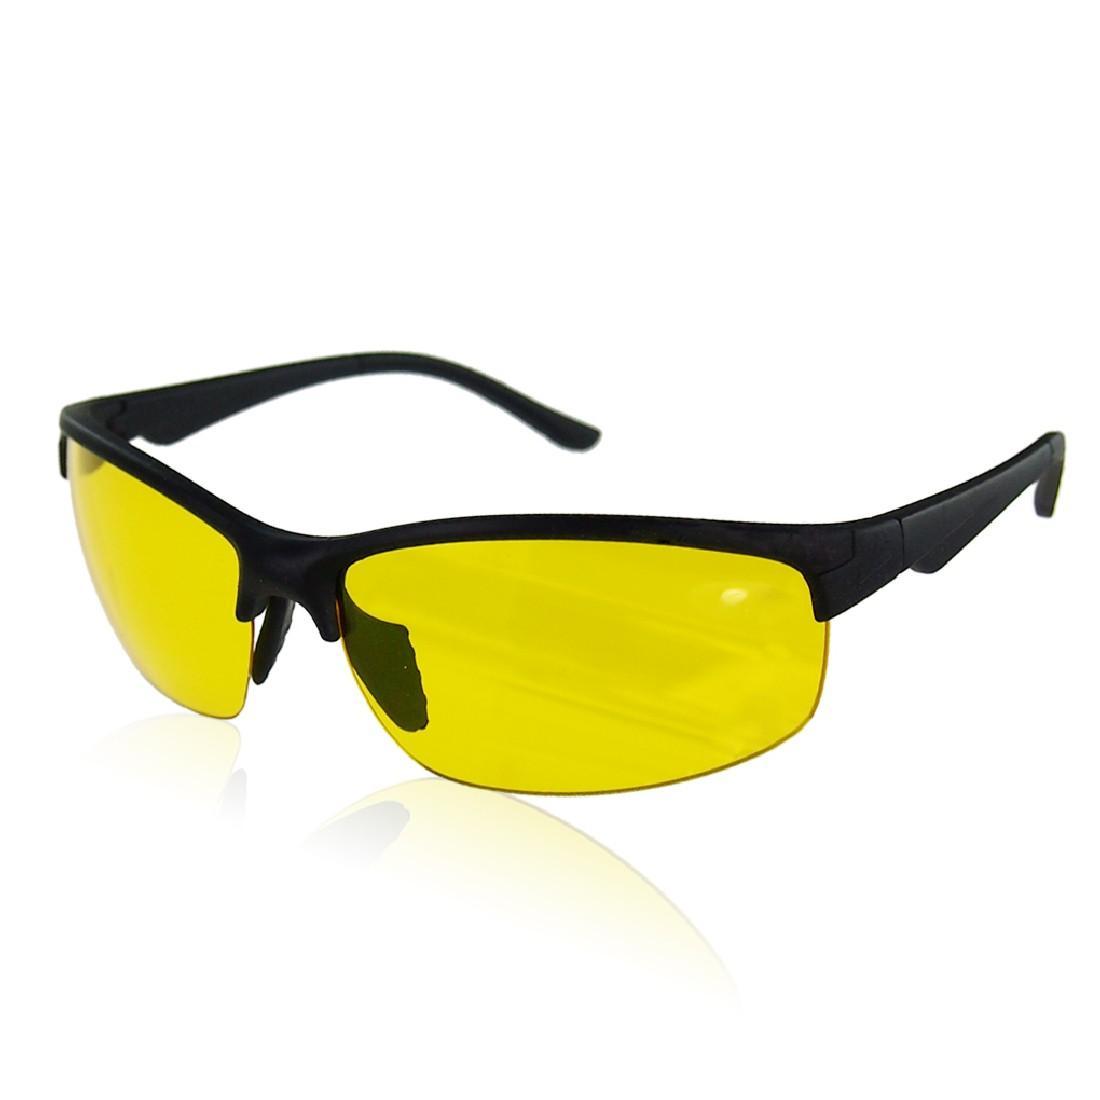 Atacado-quente venda óculos de sol óculos de visão noturna de condução lente amarela clássico anti-reflexo de vidro Hd alta definição